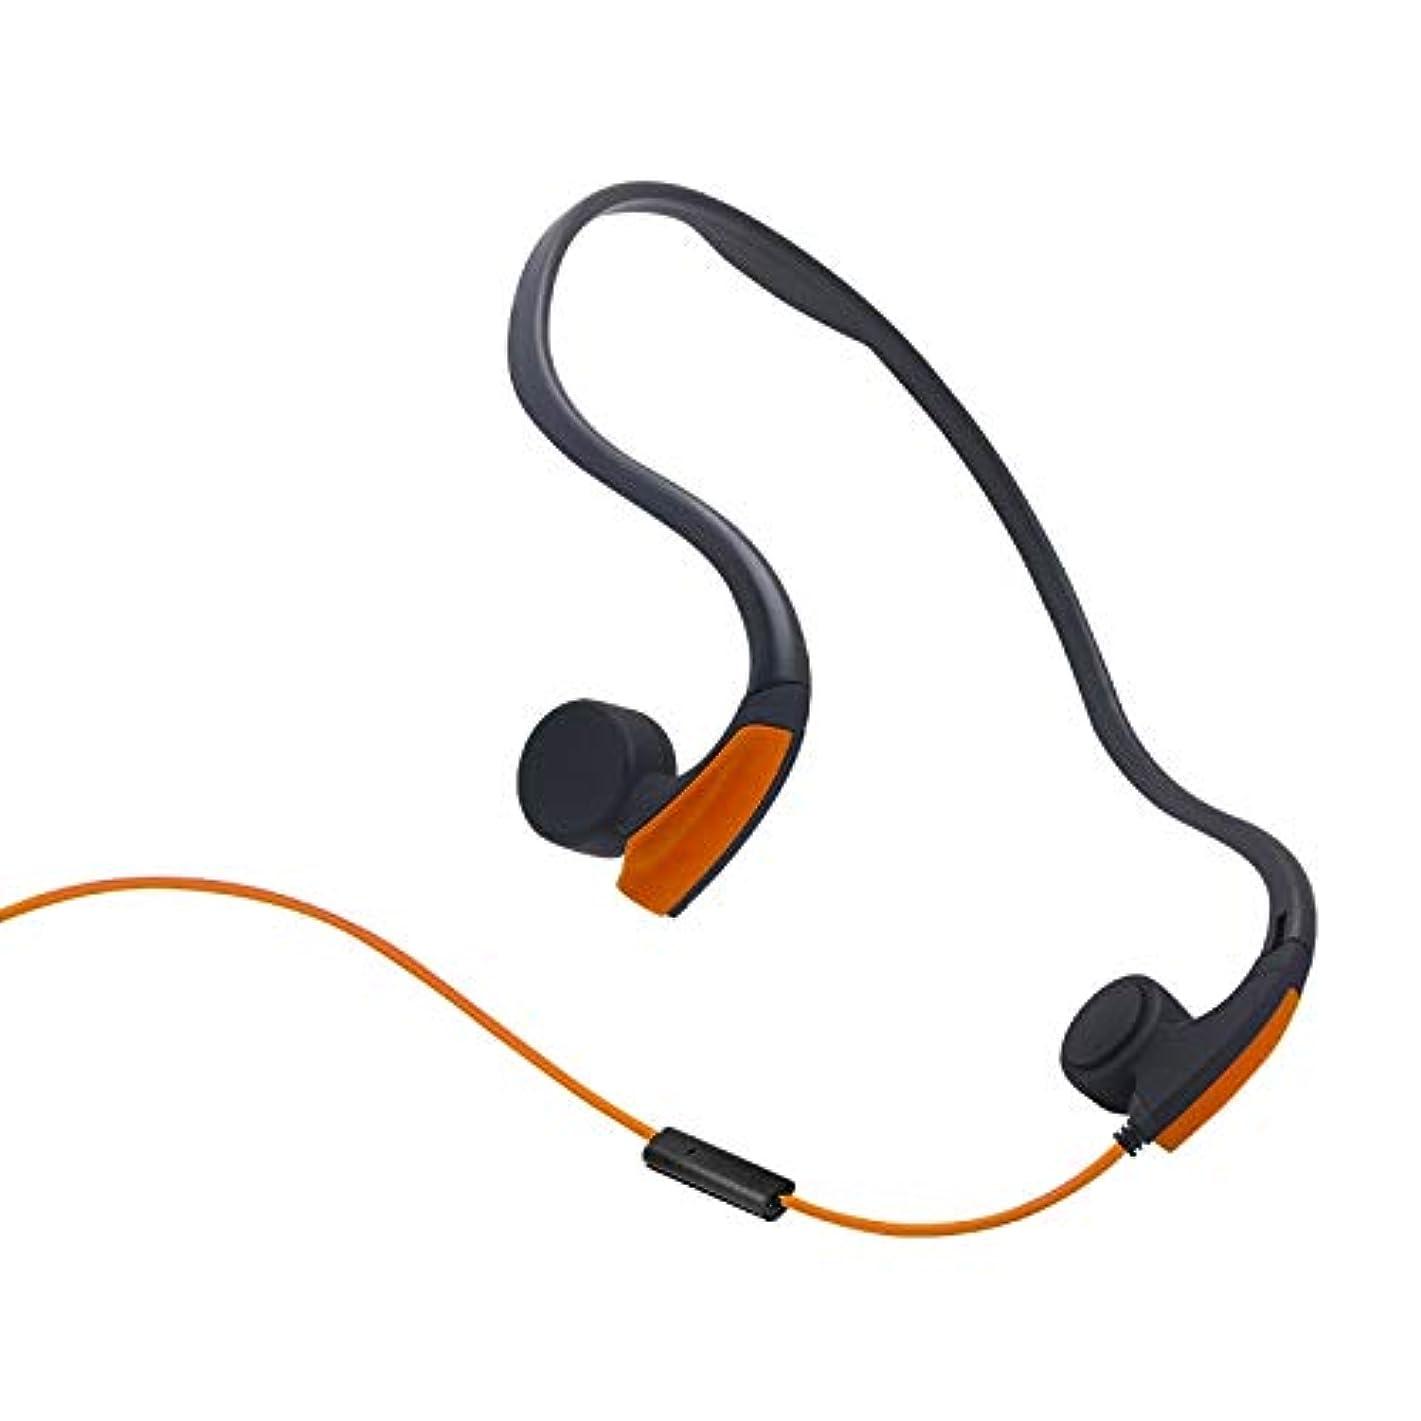 ブーム前投薬呼び出すYIYHG では、インナーイヤー型ヘッドフォン有線ヘッドフォン背面には、ワイヤ制御骨伝導アウトドアスポーツヘッドフォンをぶら下げ (色 : オレンジ)